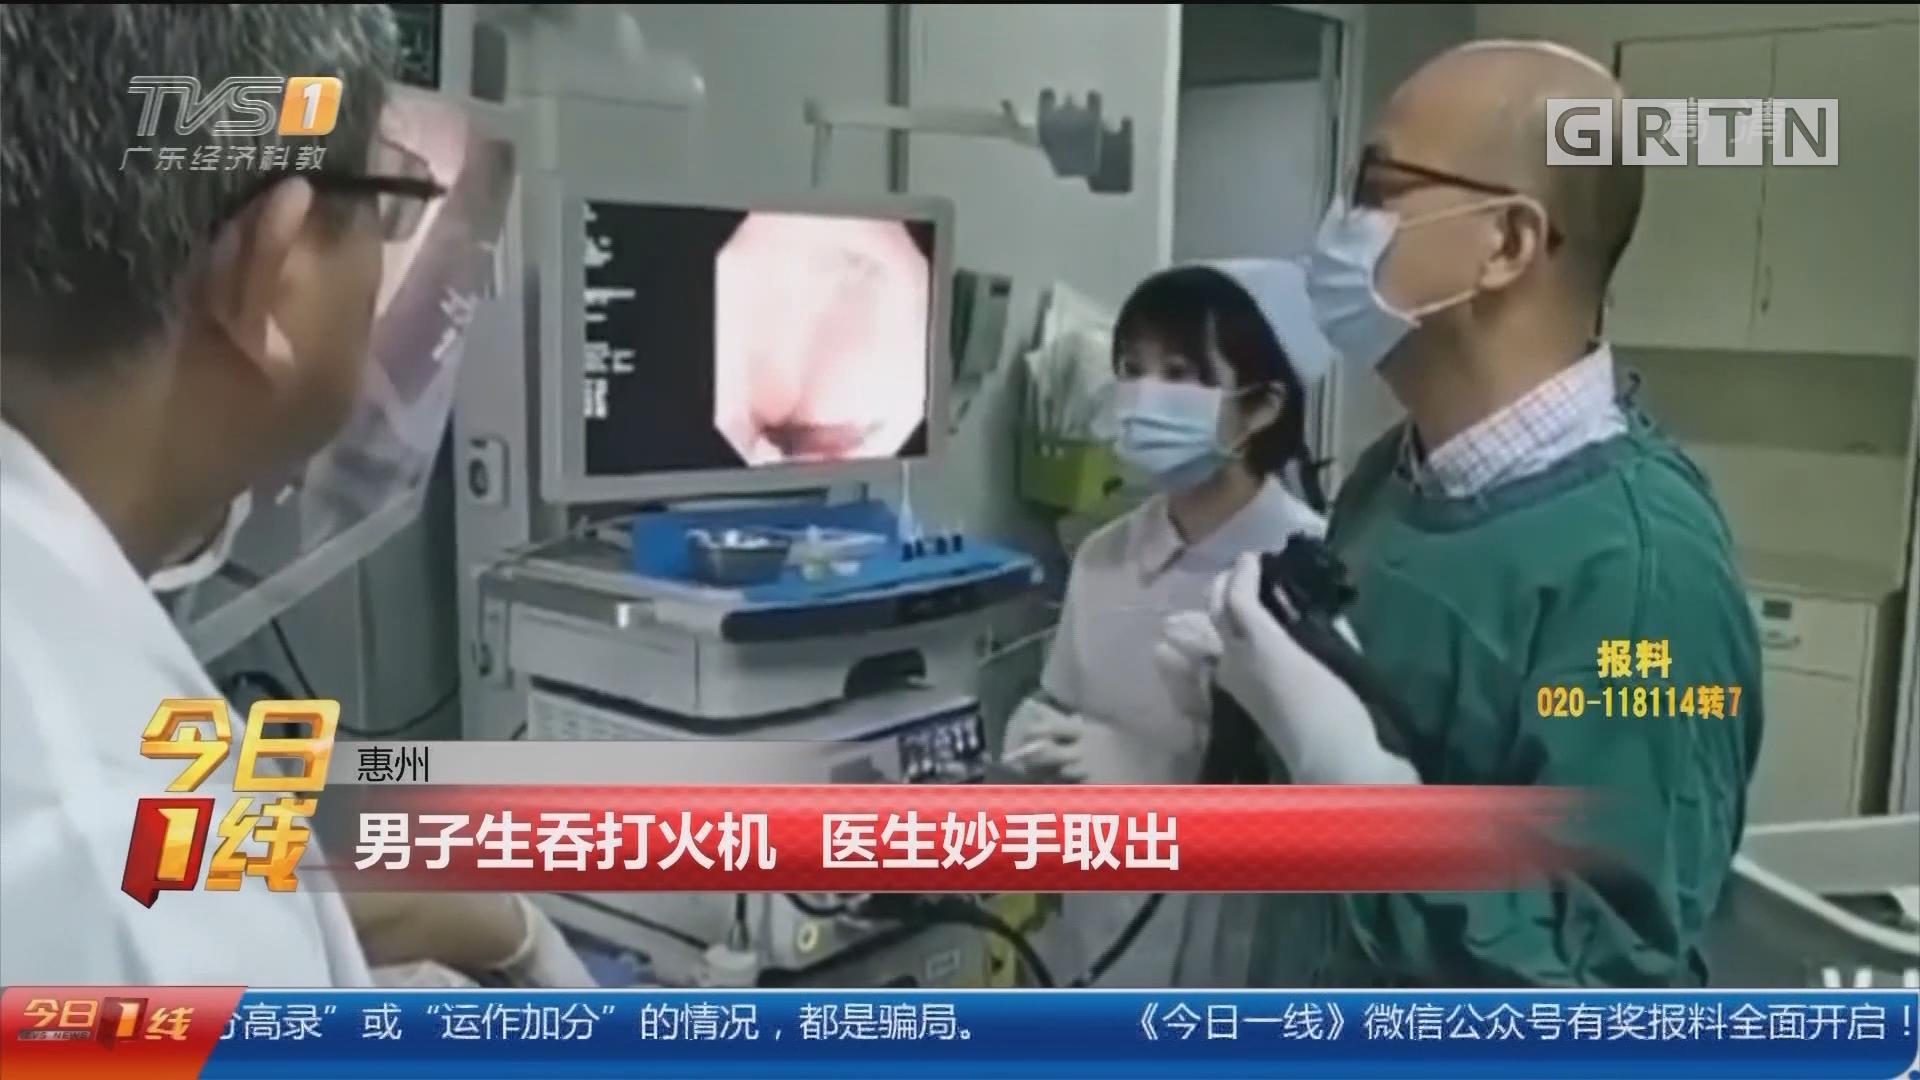 惠州:男子生吞打火机 医生妙手取出